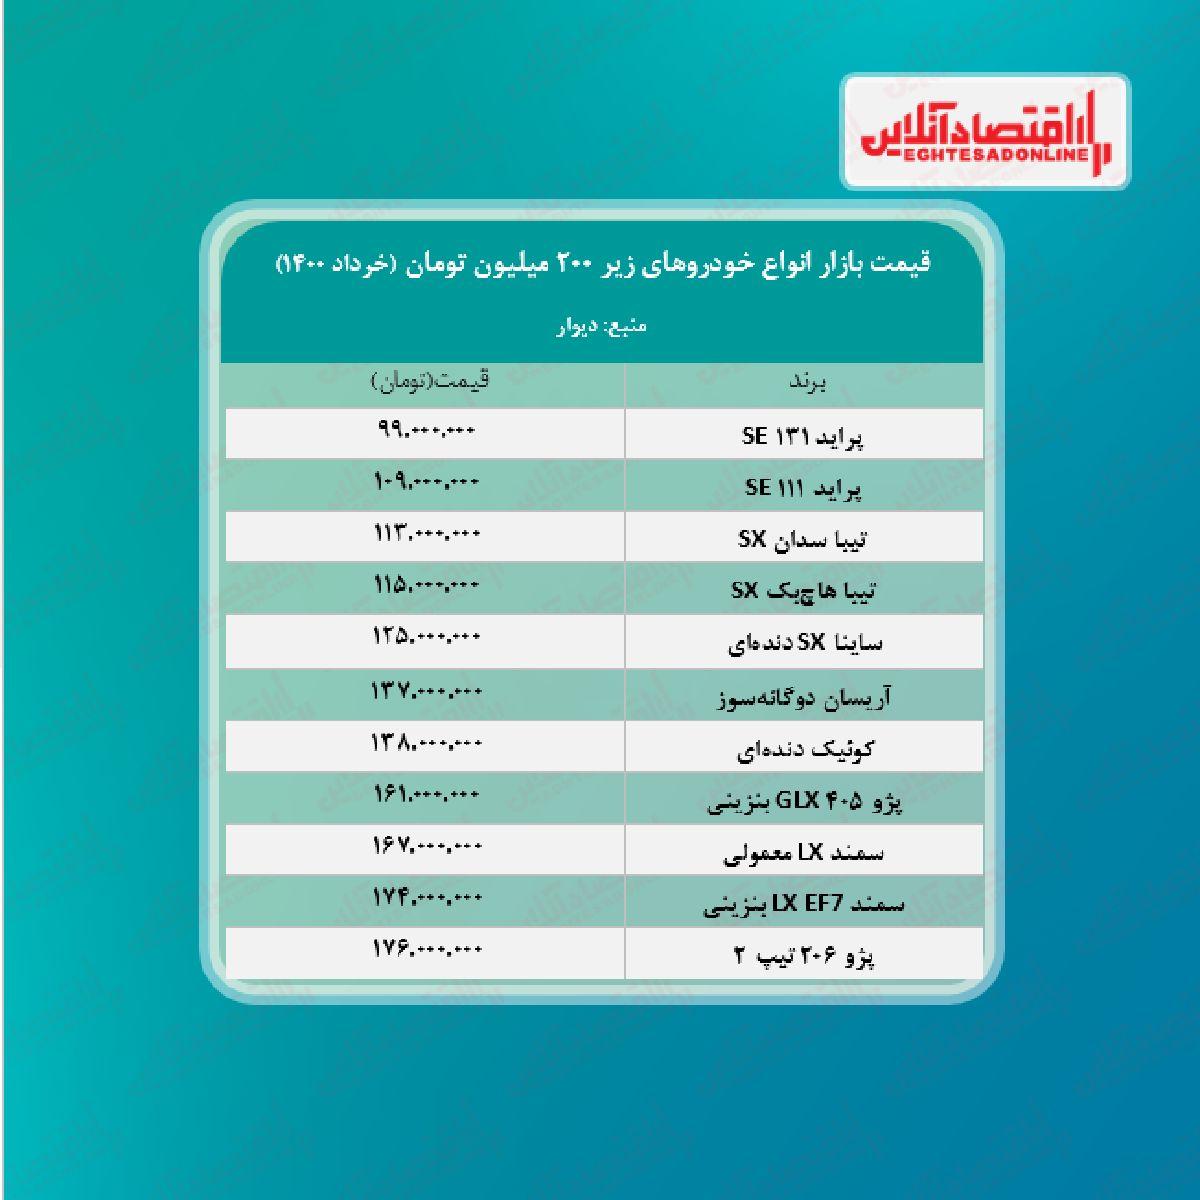 قیمت خودروهای زیر ۲۰۰میلیون پایتخت + جدول